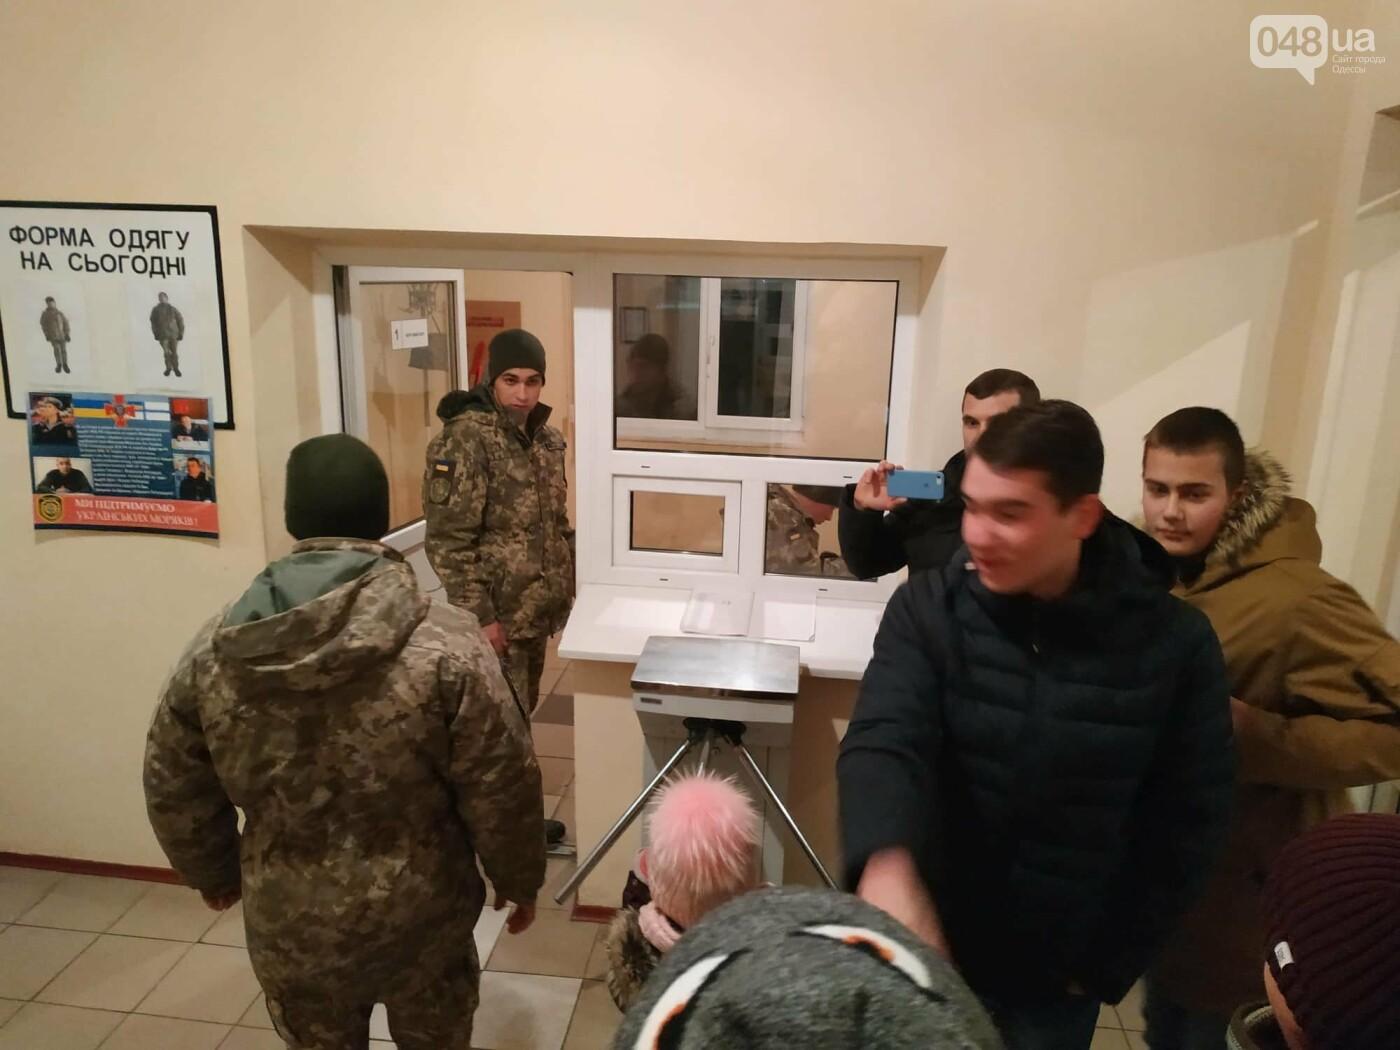 В Одессе семью с 2 детьми вышвыривают из дома без вещей на улицу, - ФОТО, ВИДЕО, фото-3